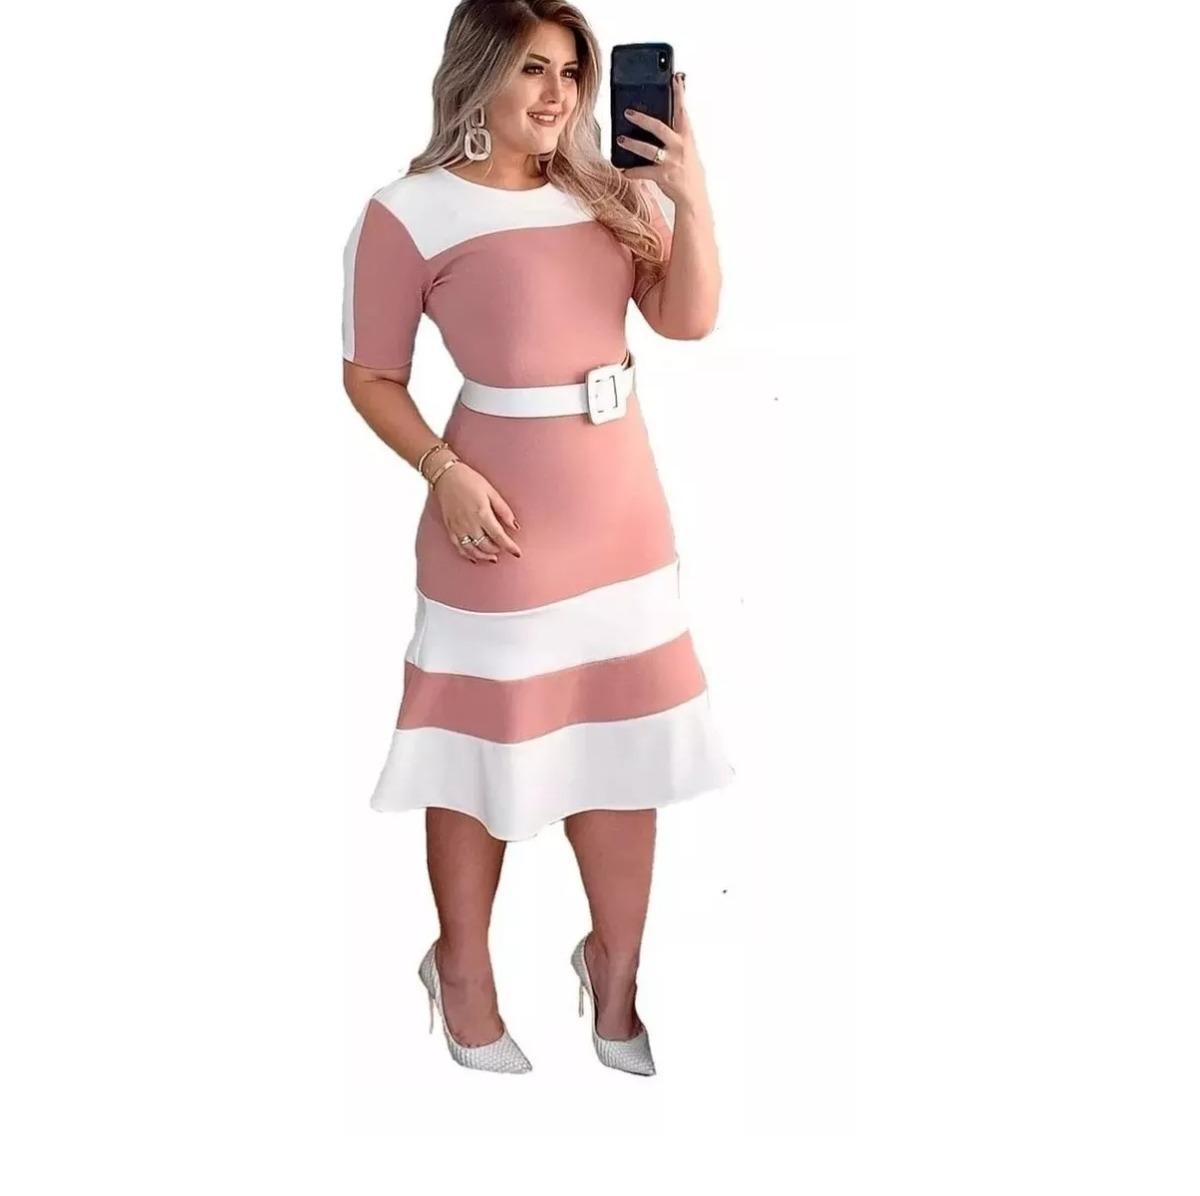 55ac623a37 vestido moda evangelica midi moda jovem roupas femininas. Carregando zoom.